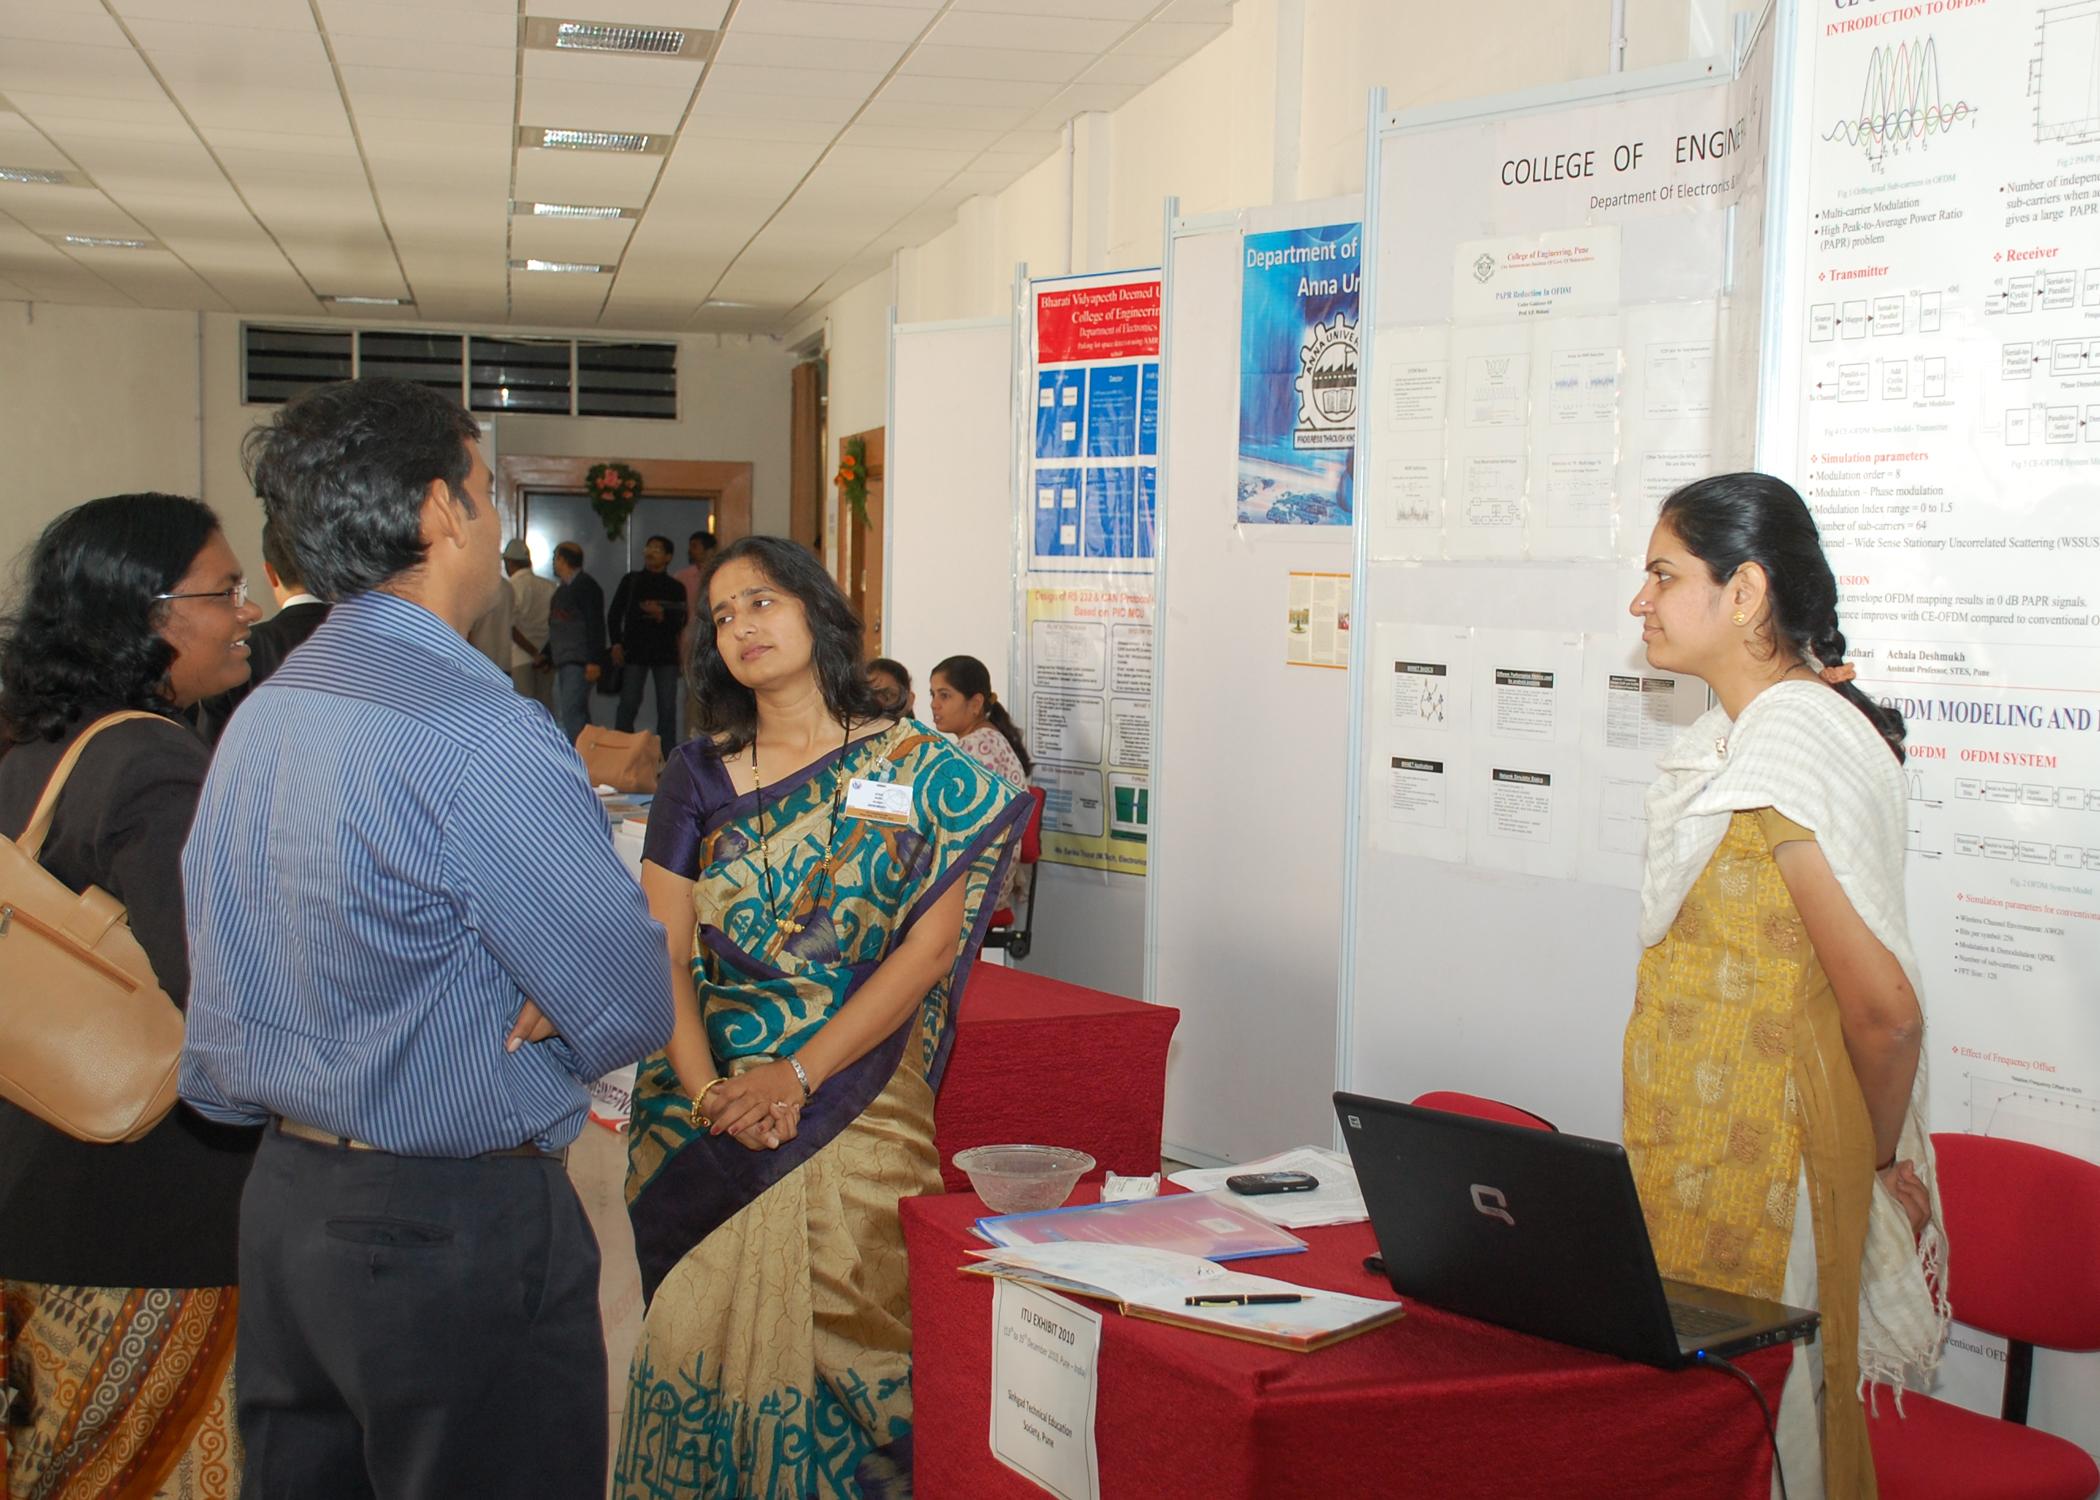 Local University Exhibition at ITU Kaleidoscope 2010, Pune, India